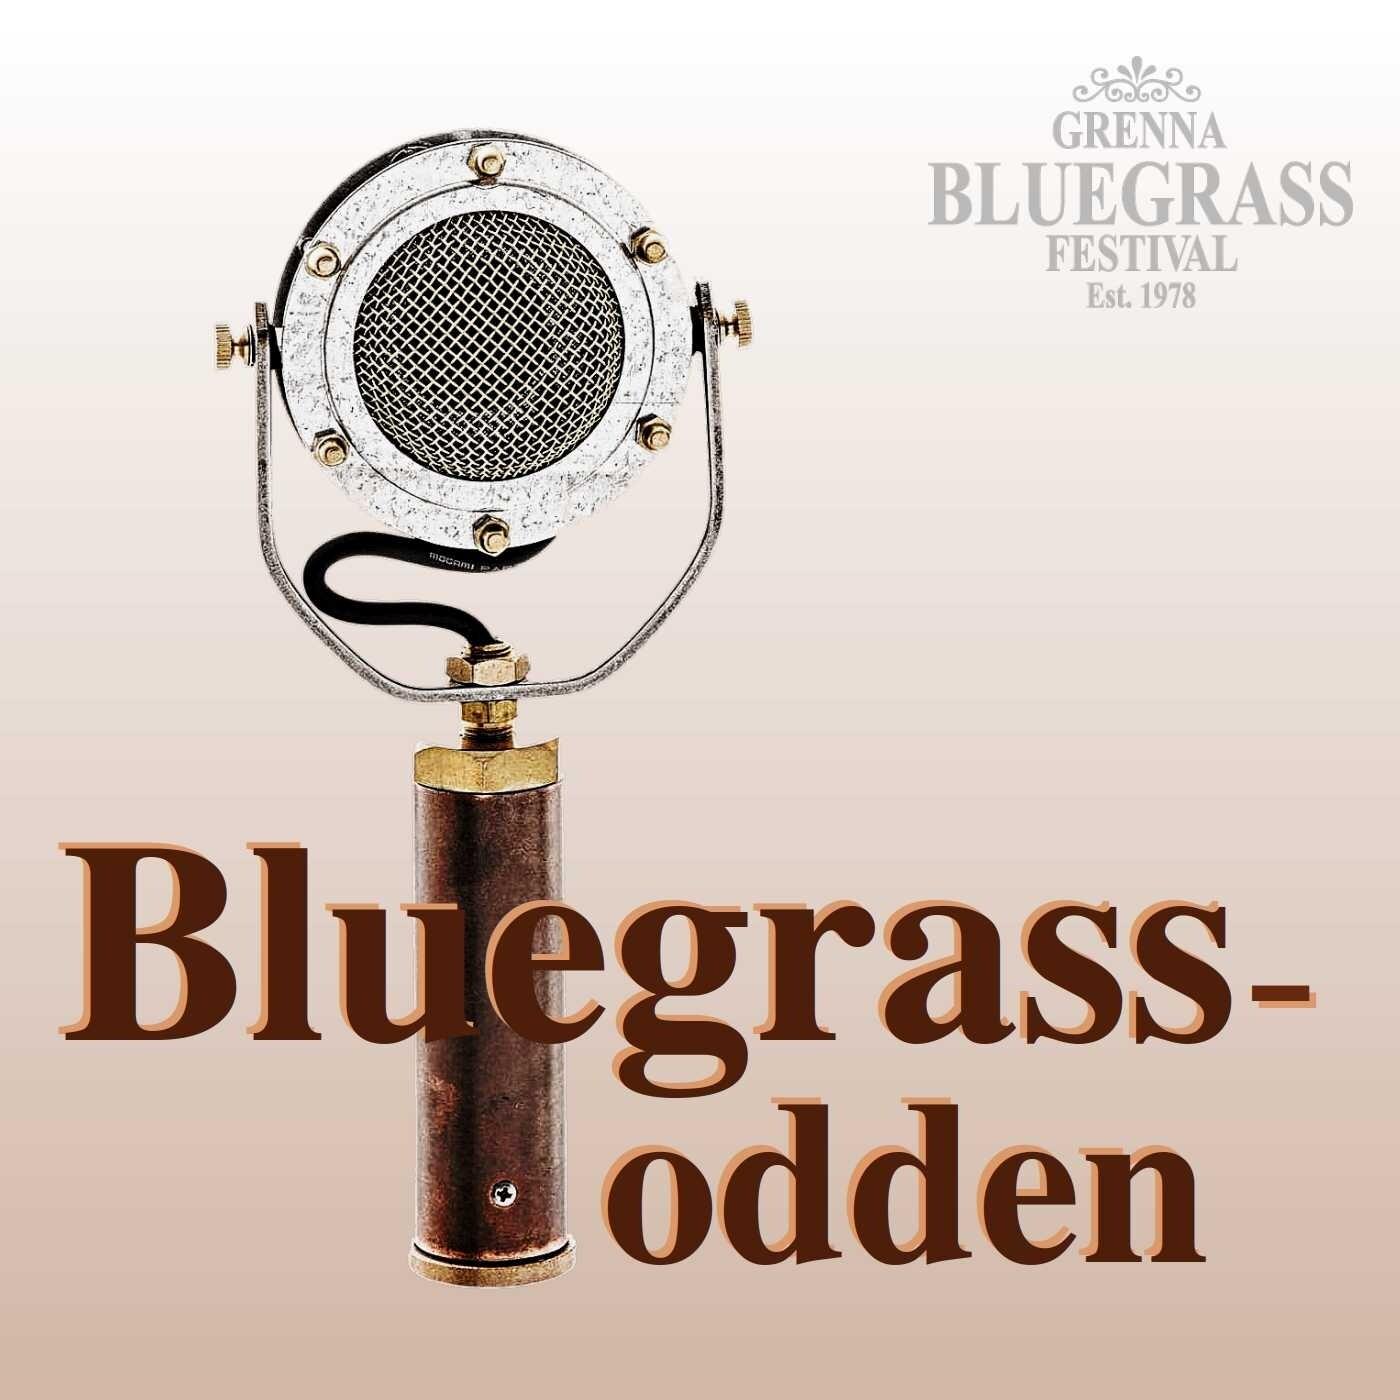 Bluegrasspodden - premiäravsnitt